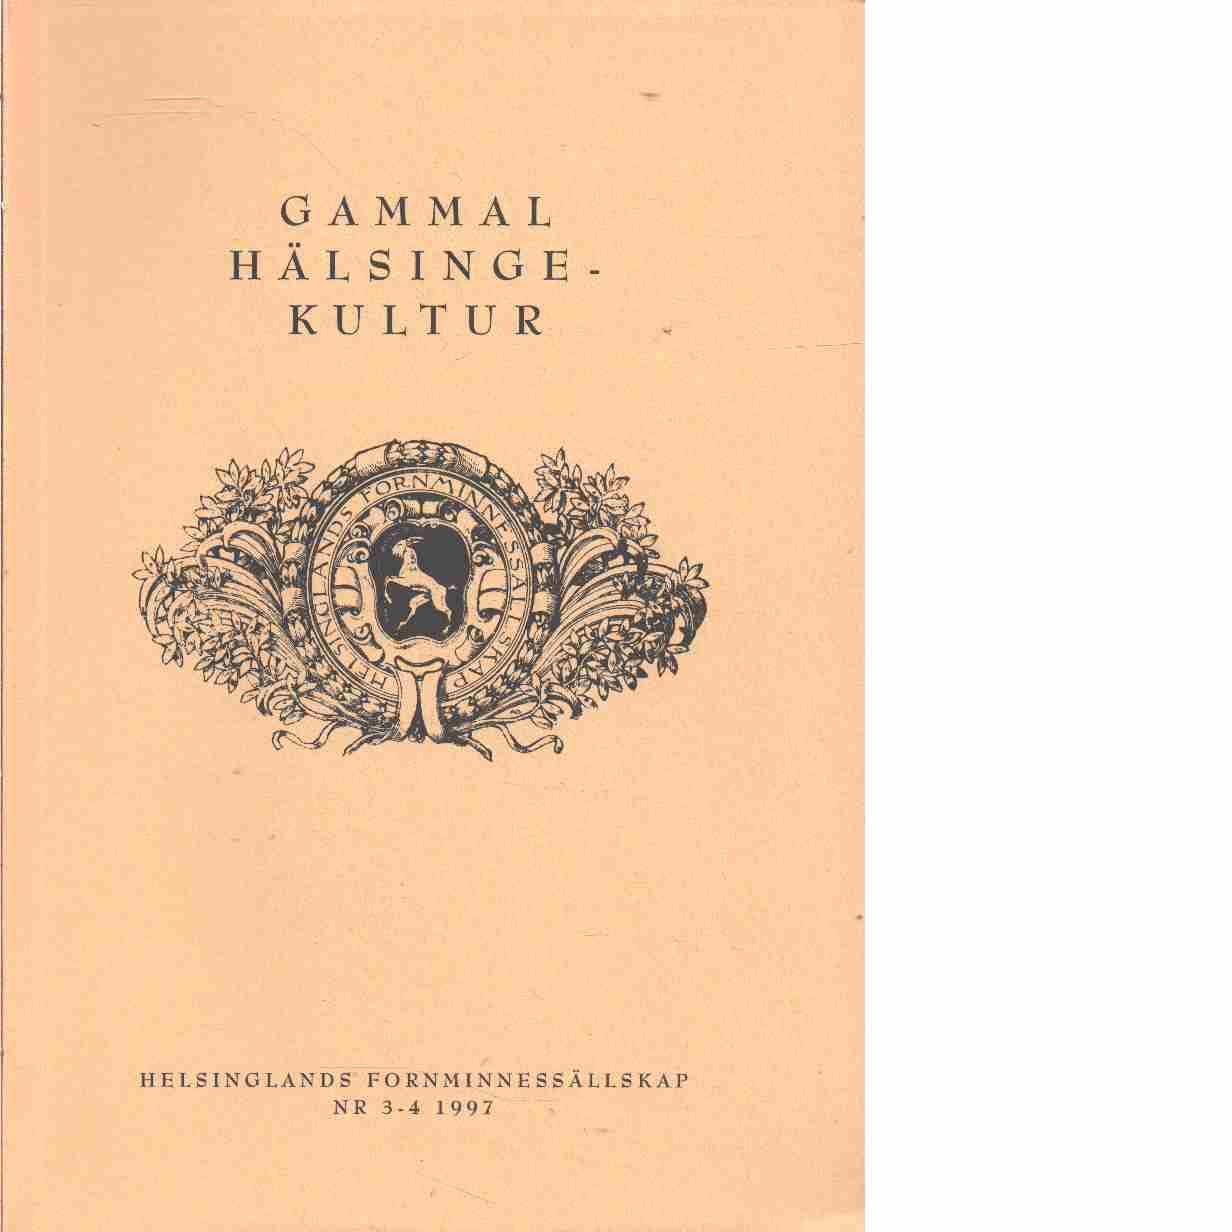 Gammal hälsingekultur : meddelanden från Hälsinglands fornminnessällskap 1997 nr 3 - 4 - Hälsinglands Fornminnessällskap